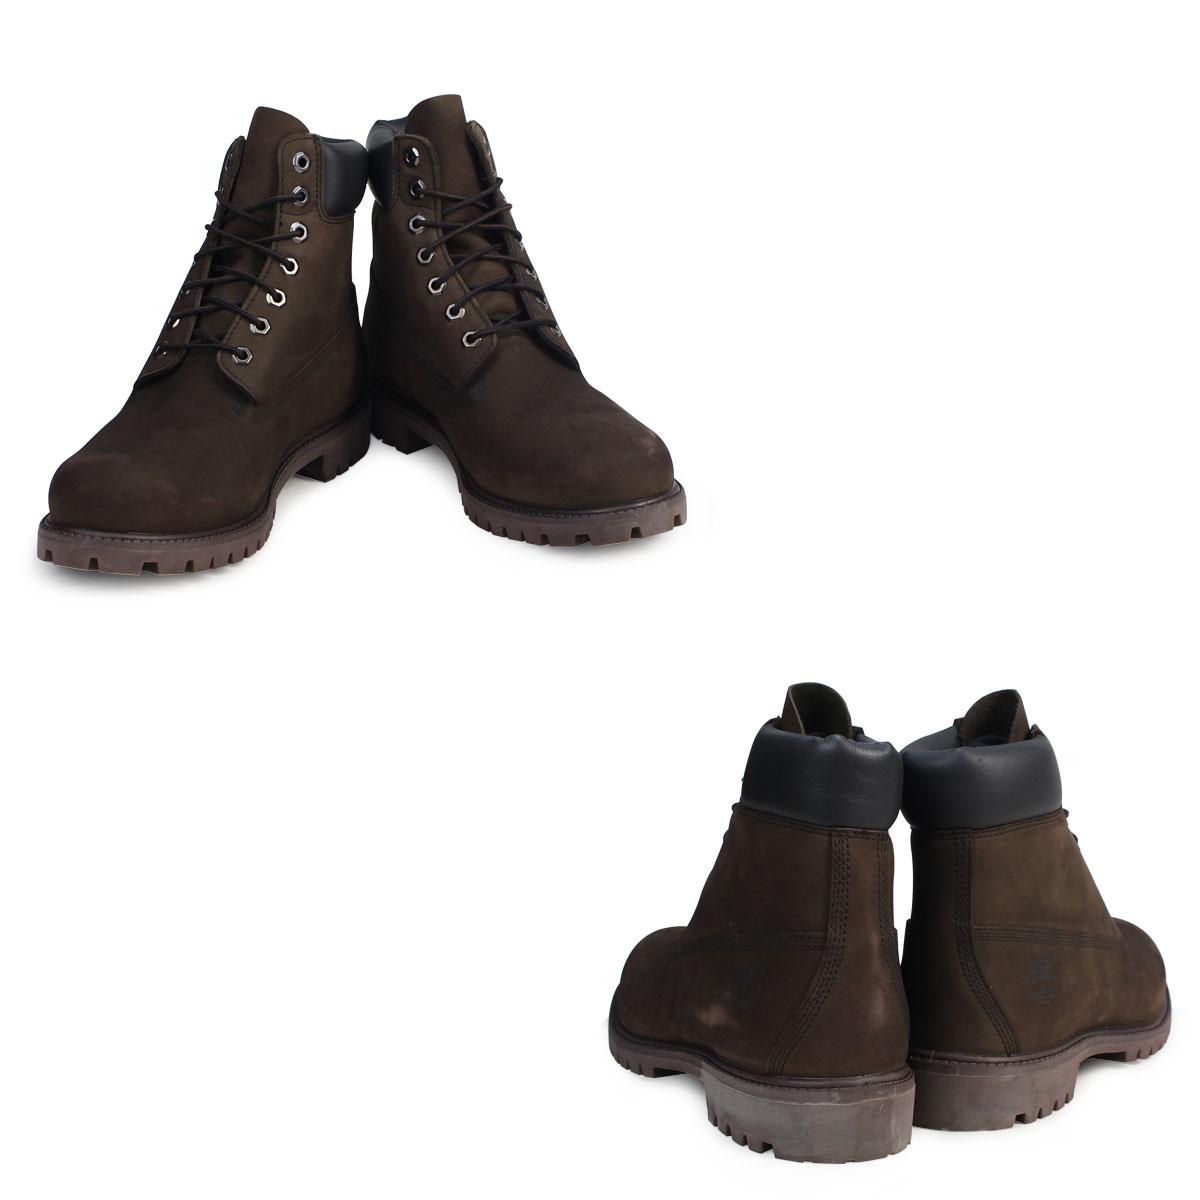 6 inches of Timberland 6INCH PREMIUM WATERPROOF BOOTS Timberland boots men premium waterproof nubuck waterproofing 10001 dark chocolate